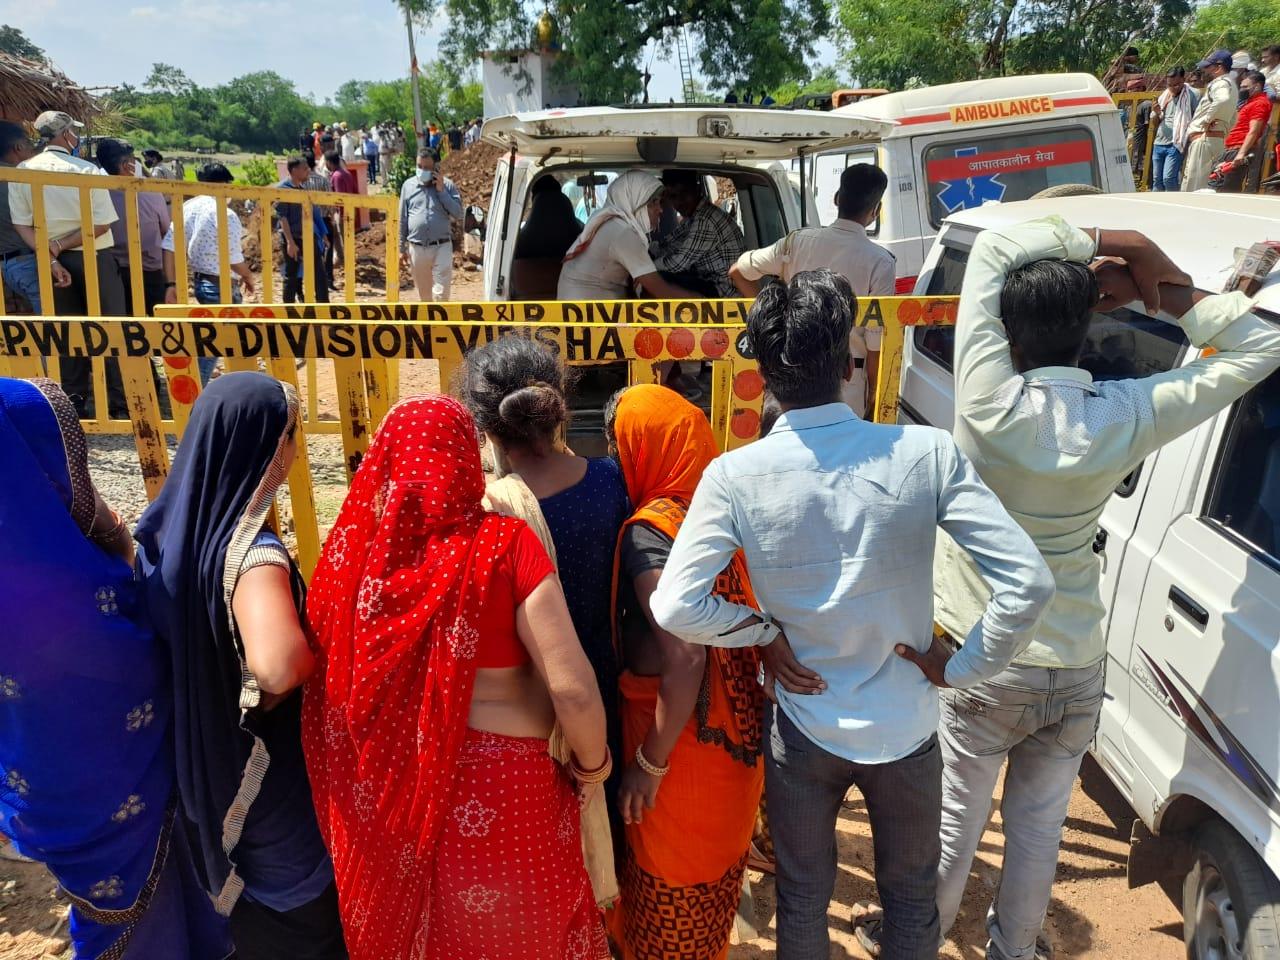 हादसे के बाद इलाके की बैरिकेडिंग कर दी गई, लोग बाहर से परिजन की खोज-खबर लेते रहे।